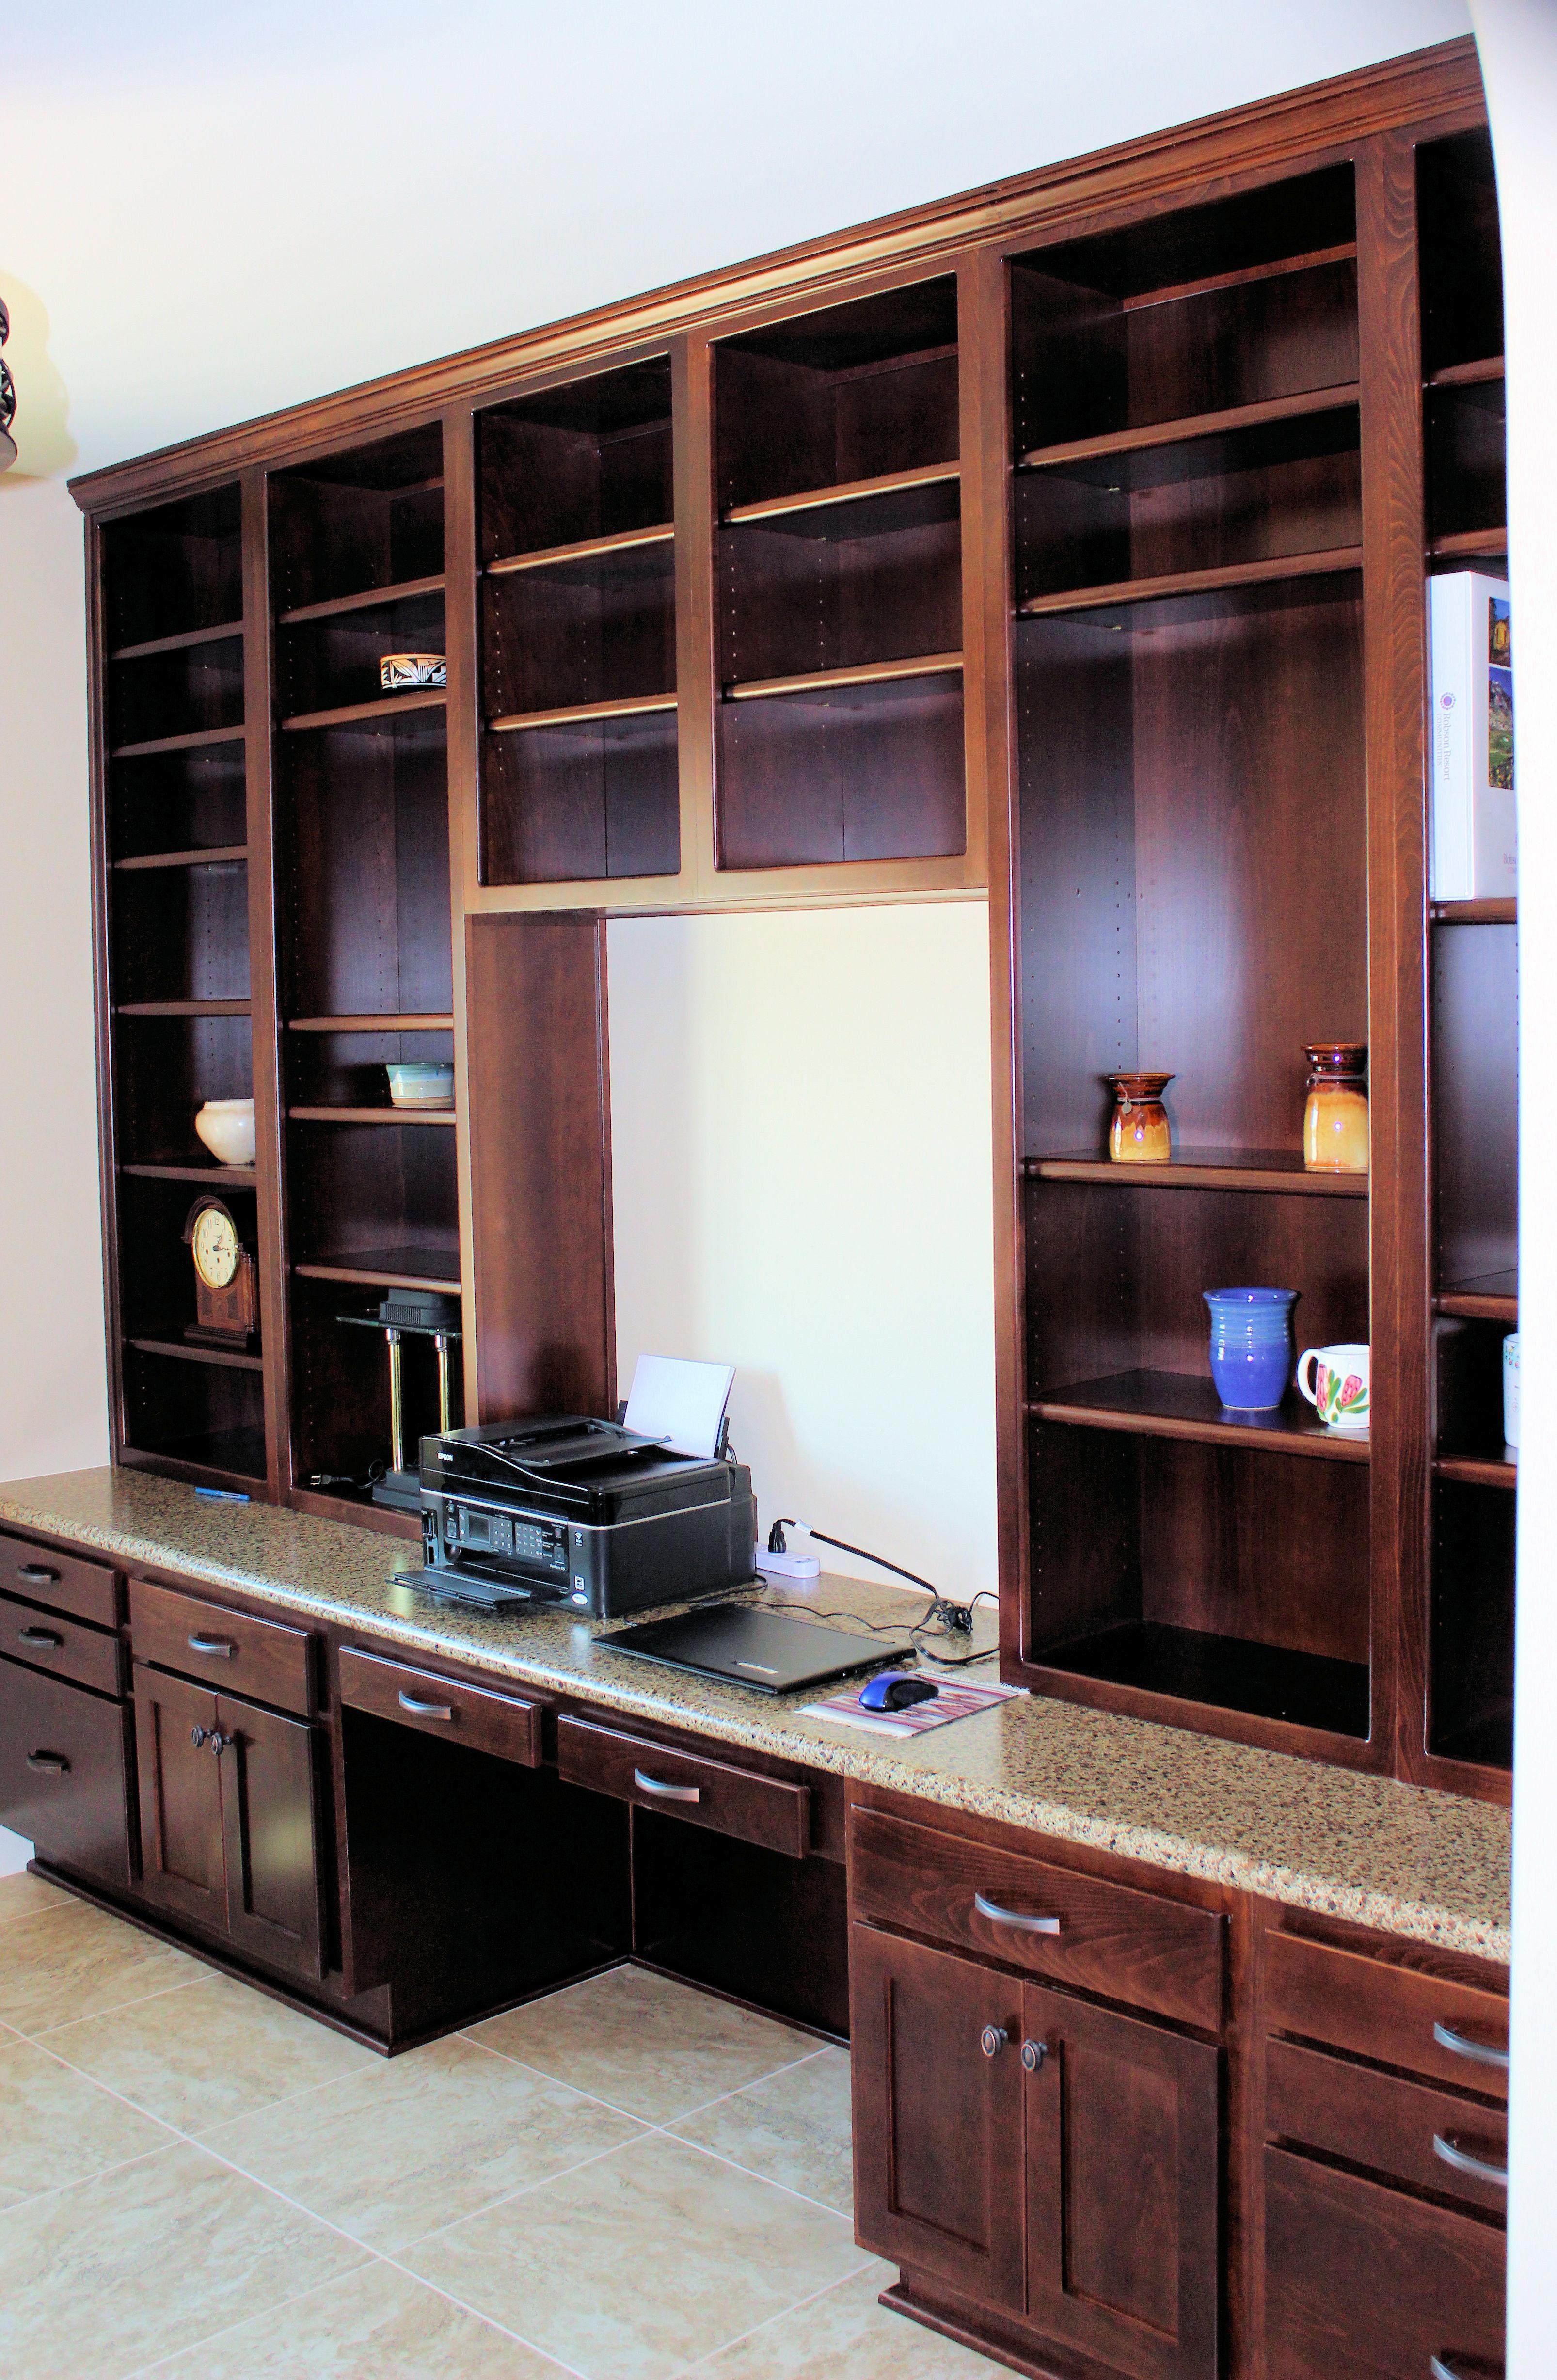 Kitchen Concepts image 0